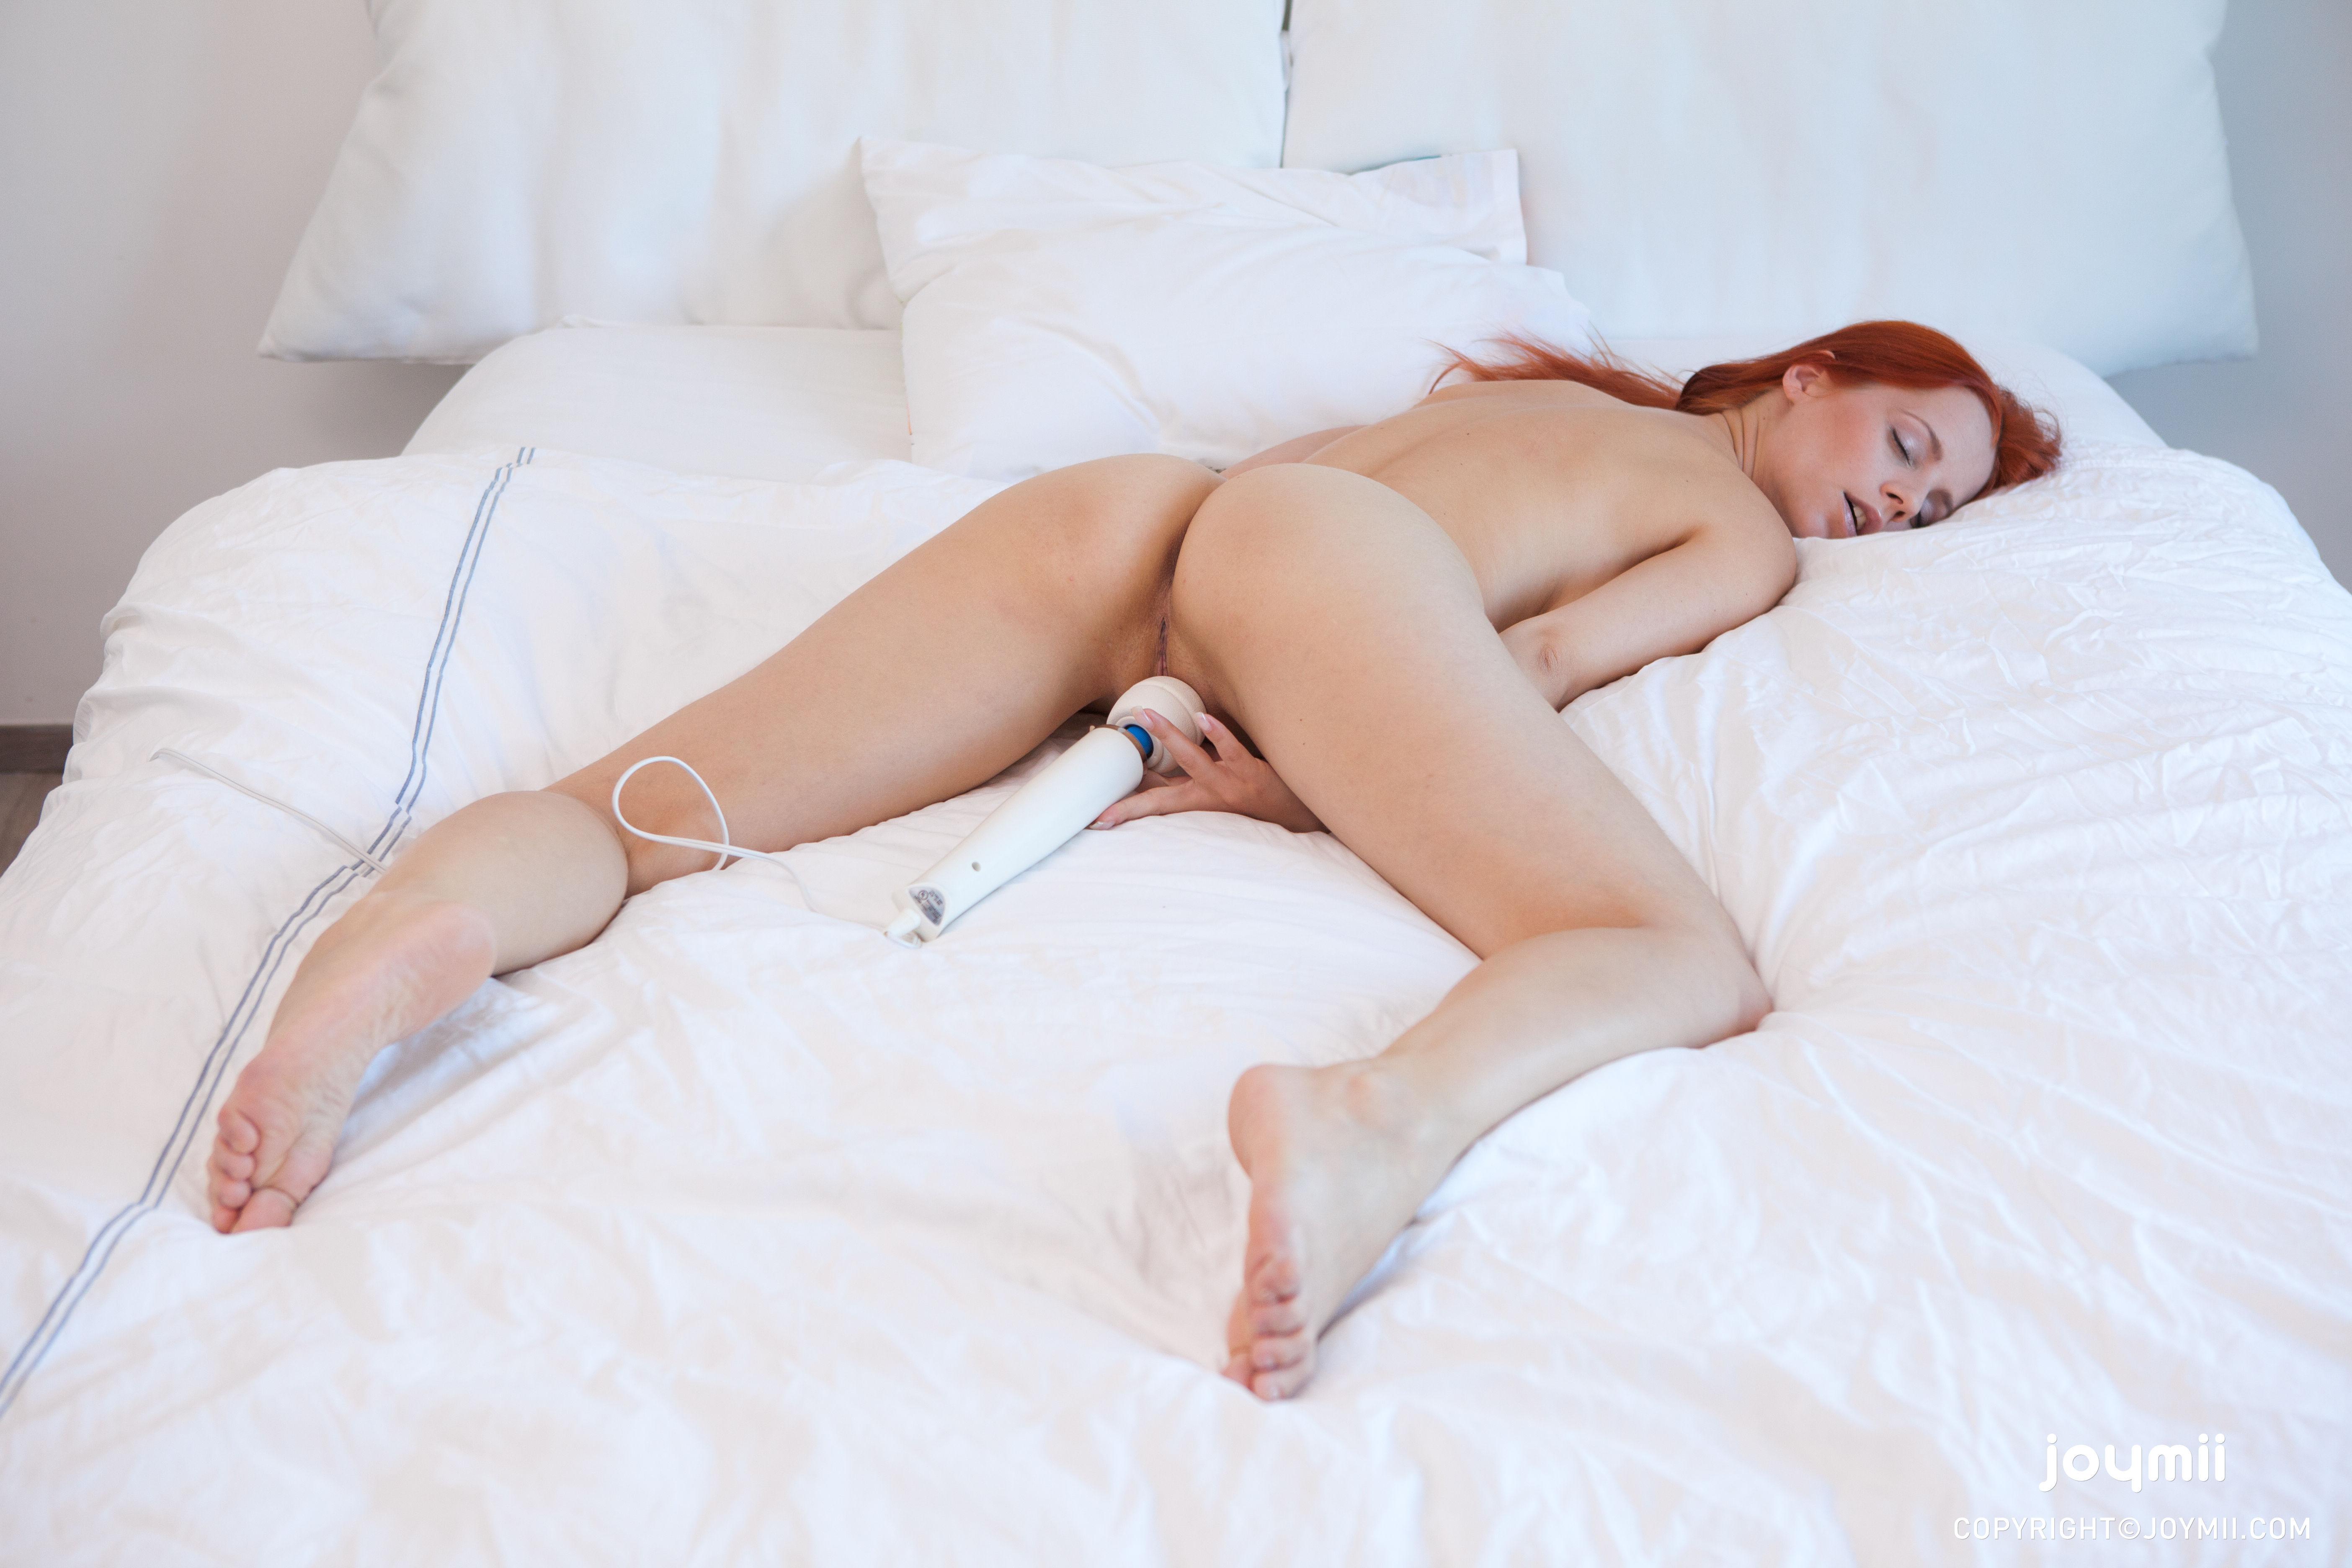 Порно оргазм рыжих